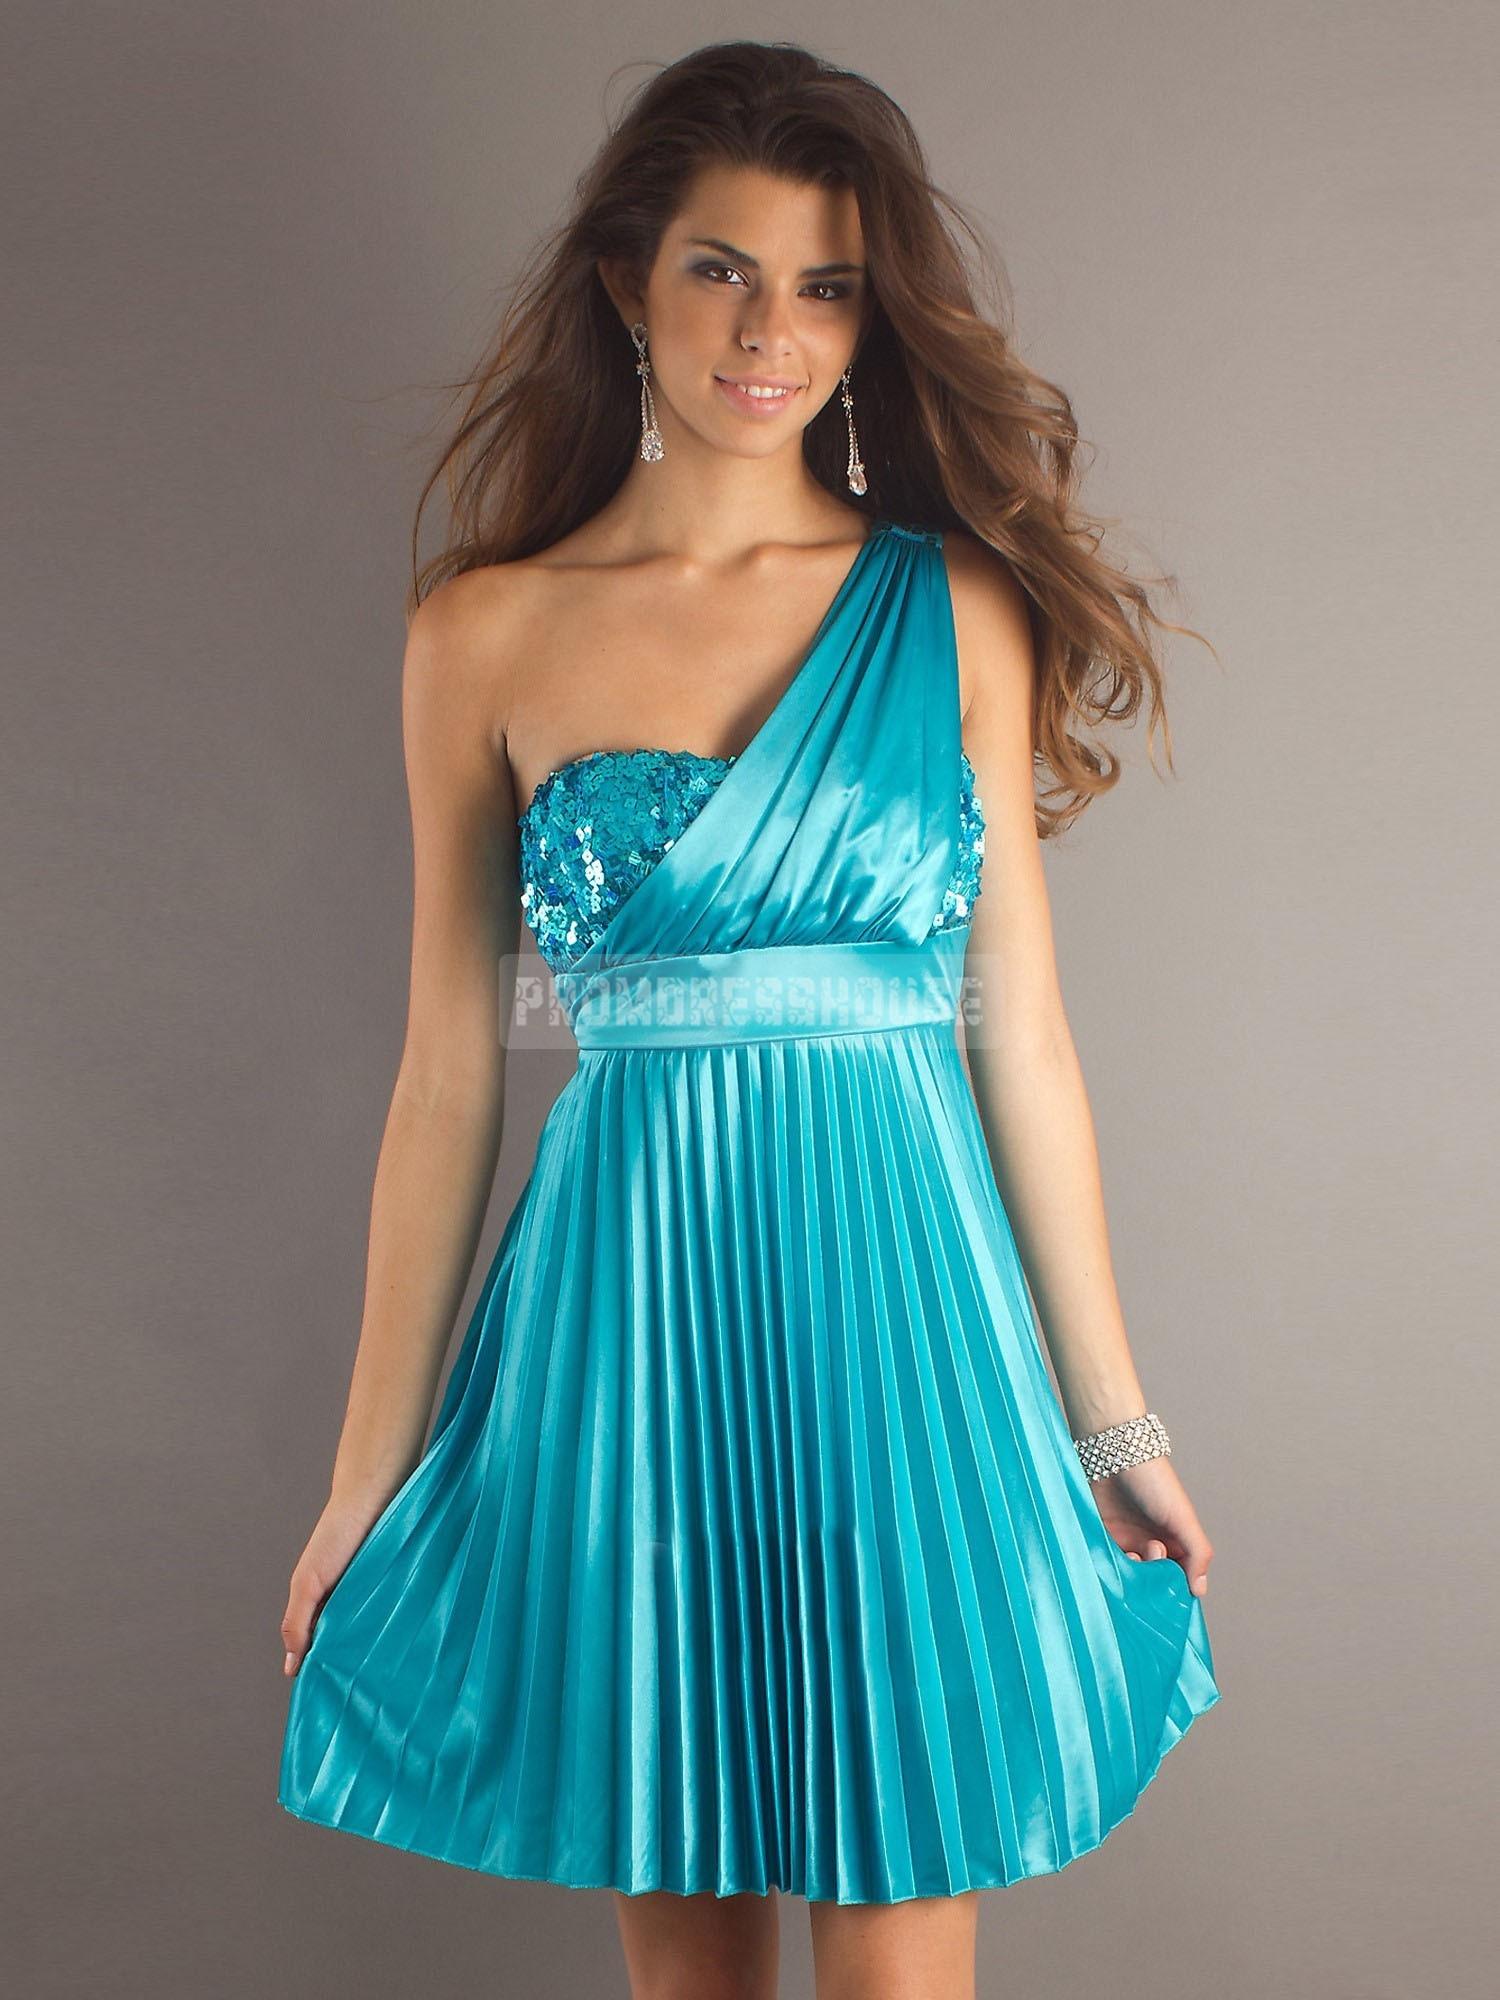 One Shoulder Paillette Like Modern Blue Prom Dress - Promdresshouse.com